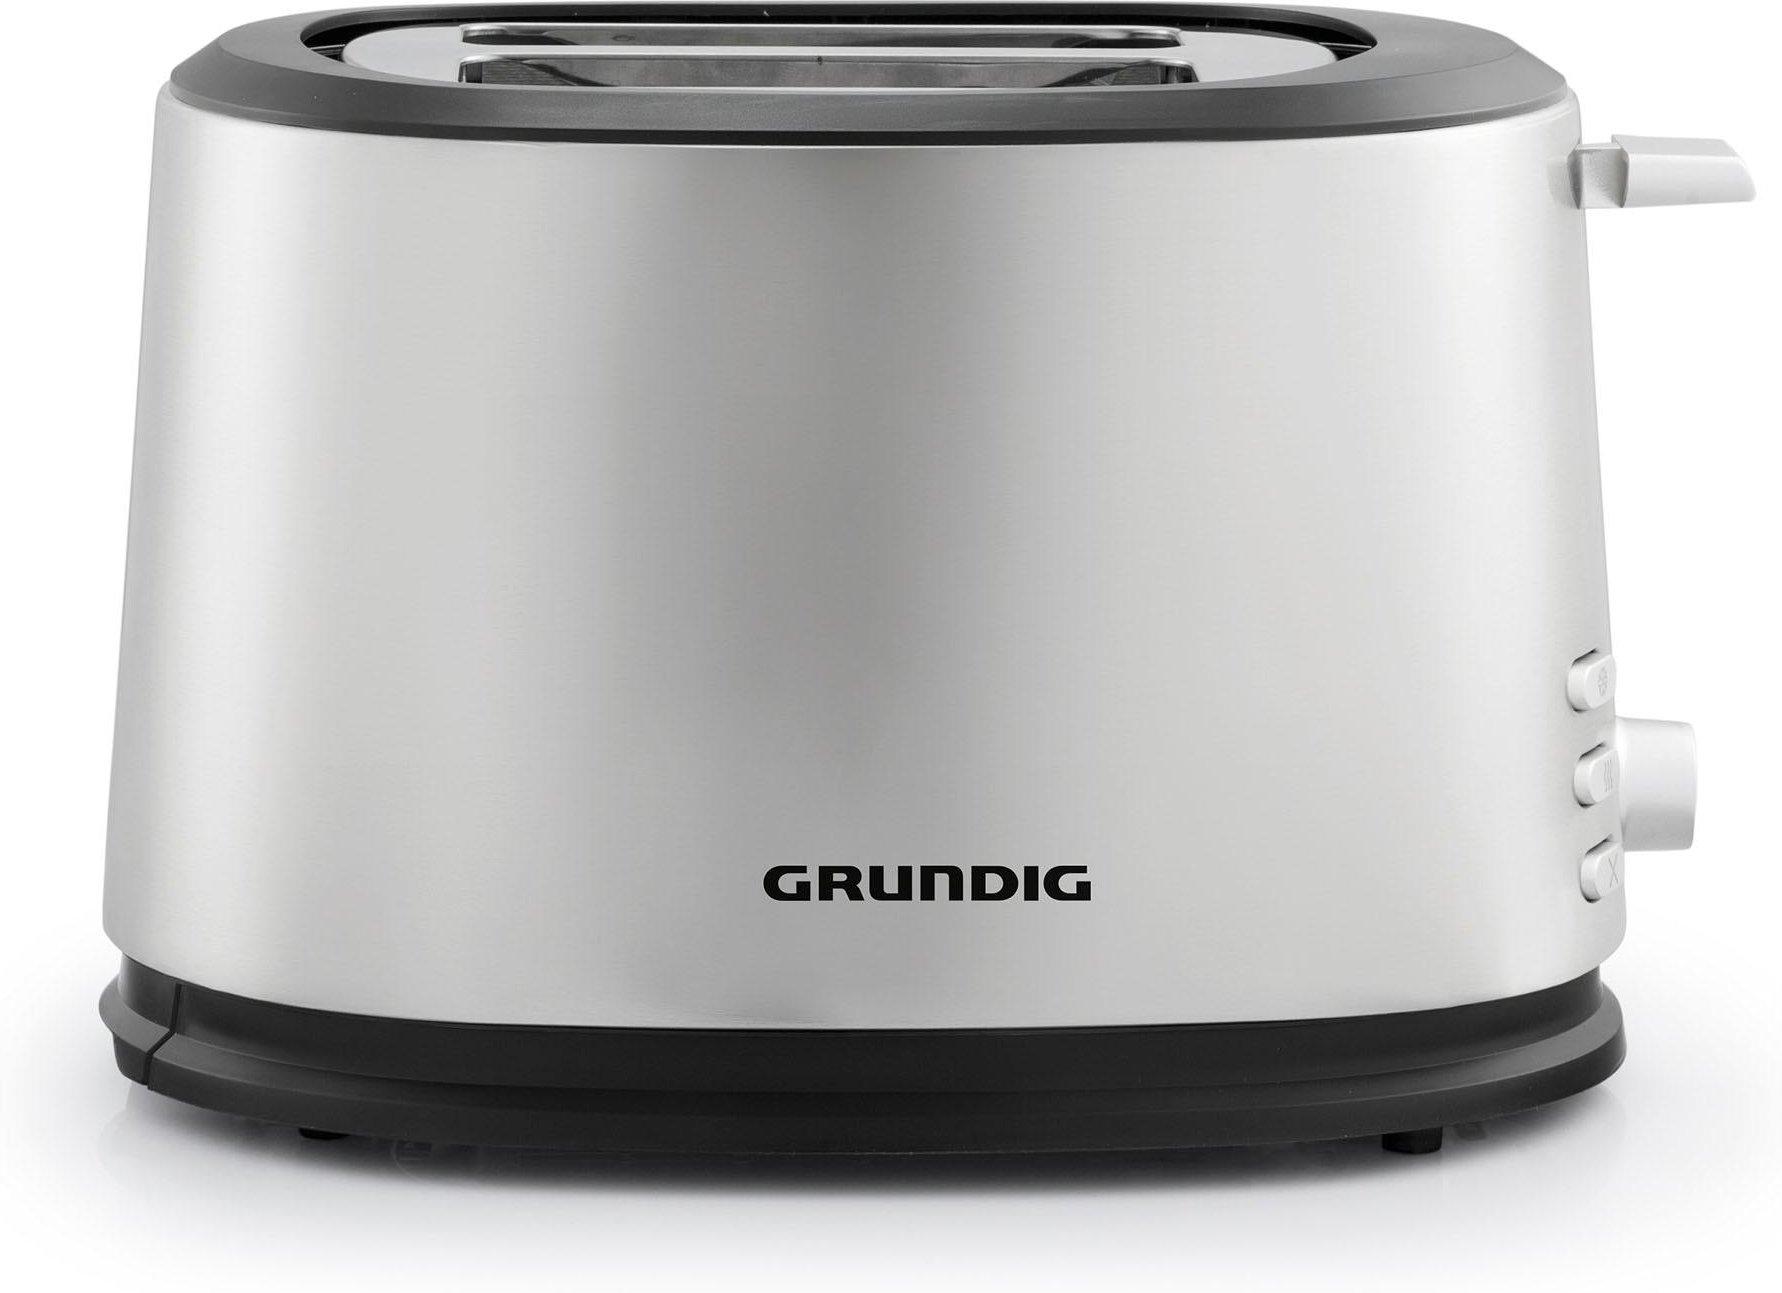 Grundig Toaster TA 5620 850 Watt